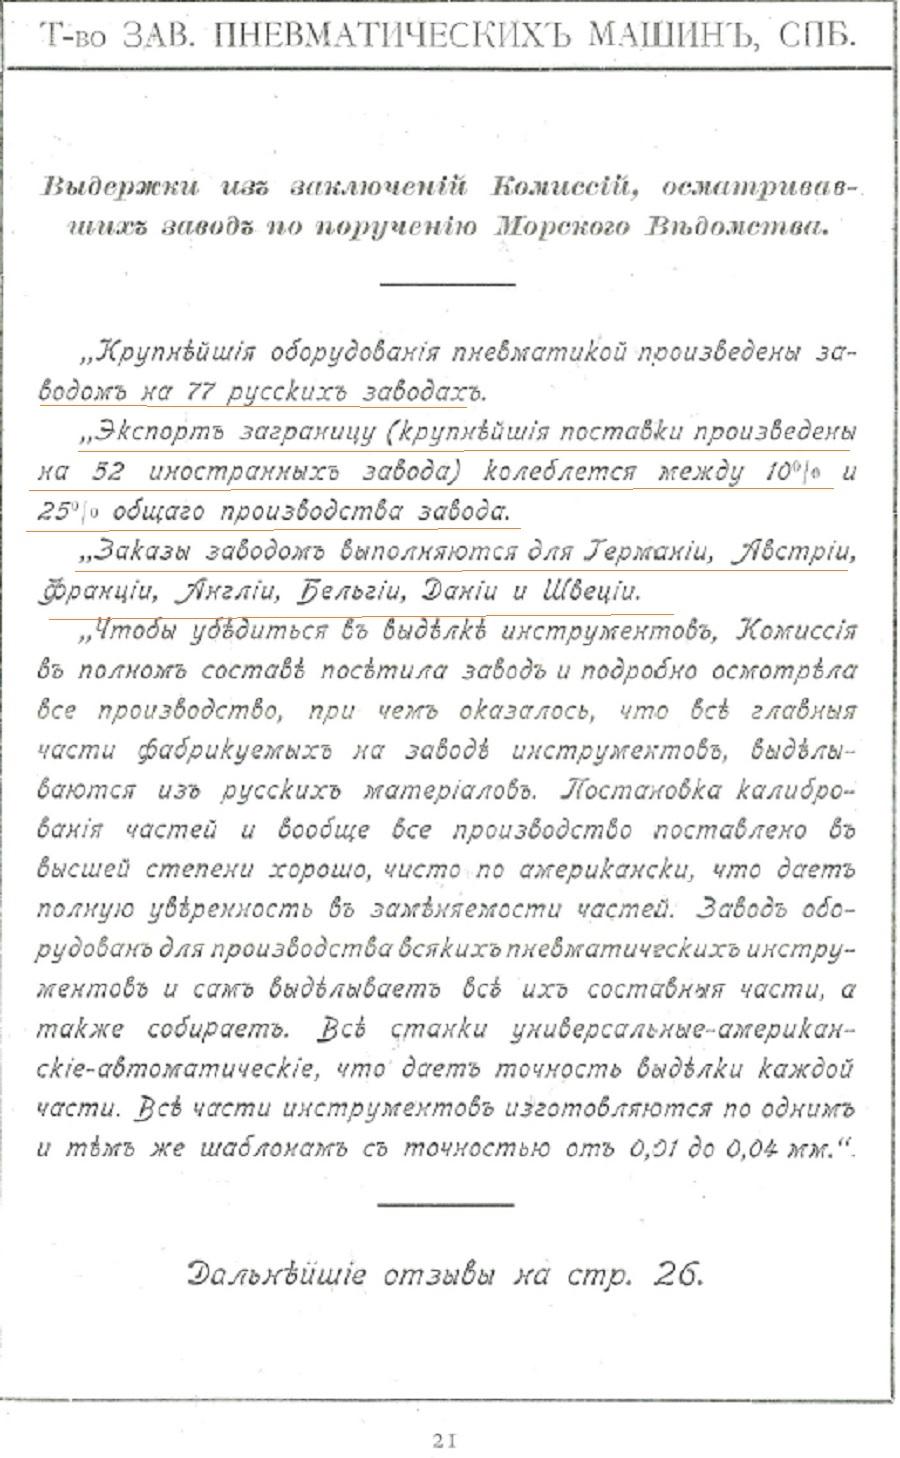 Каталог №11 Товарищества завода пневматических машин. стр 21